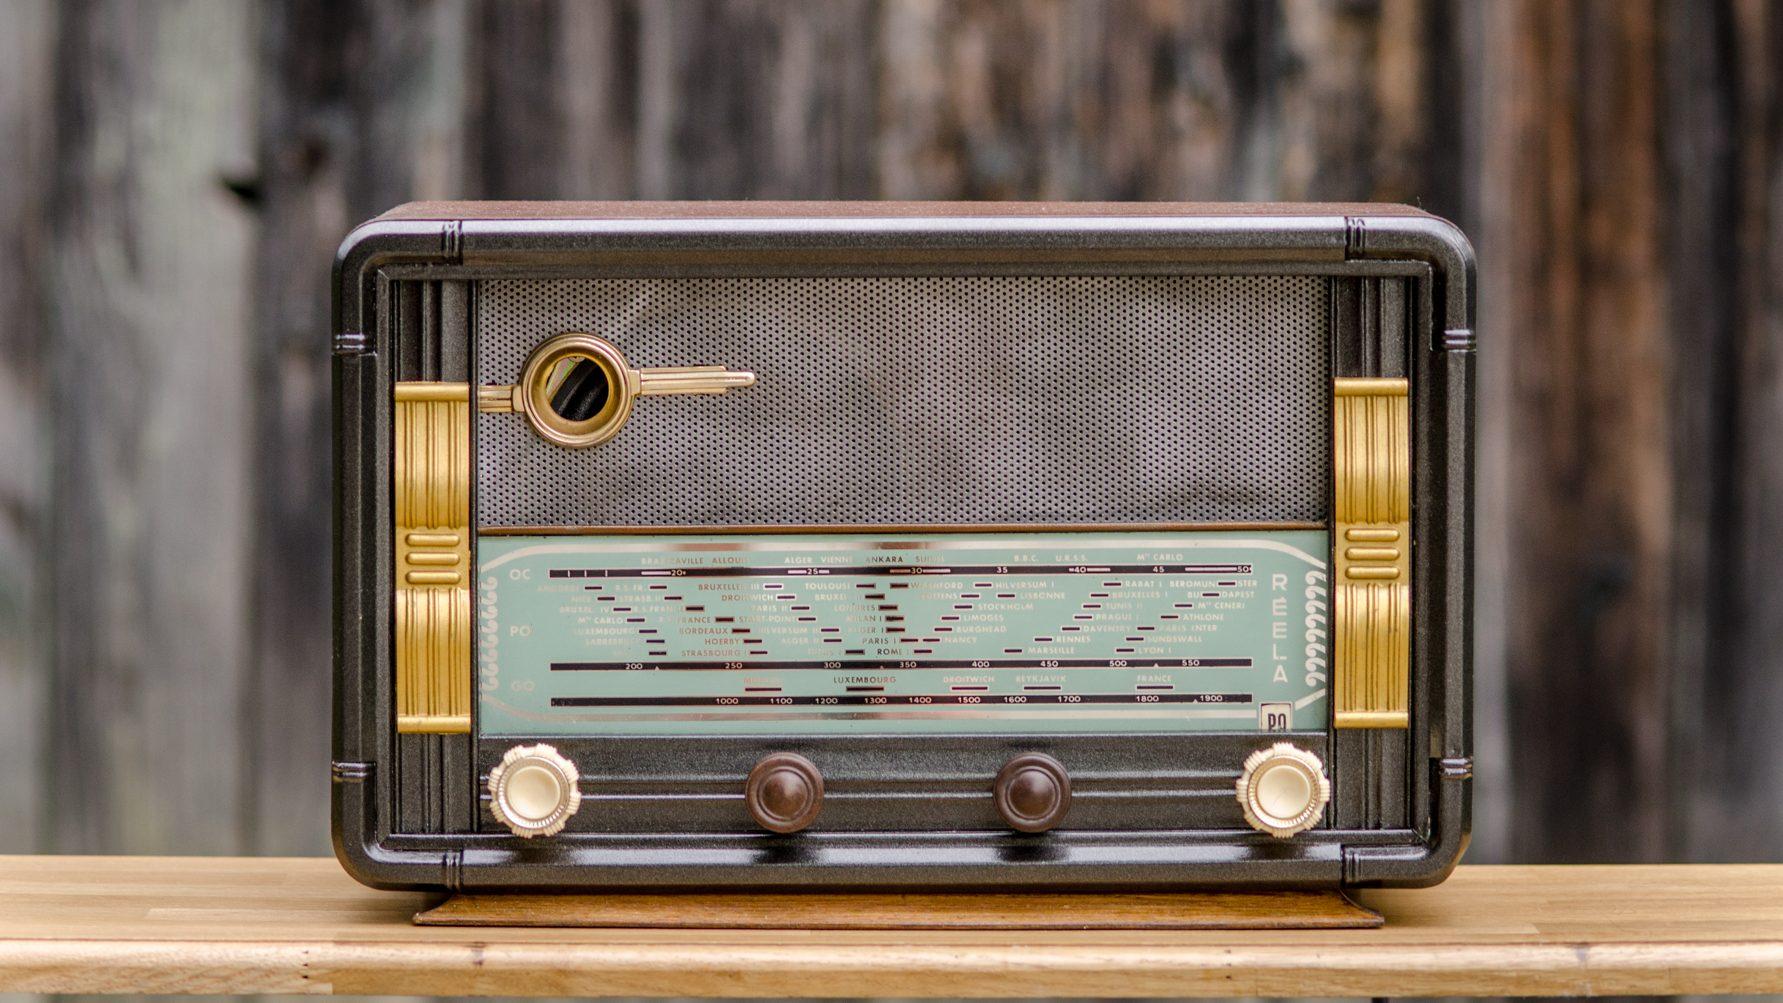 radio tsf vintage